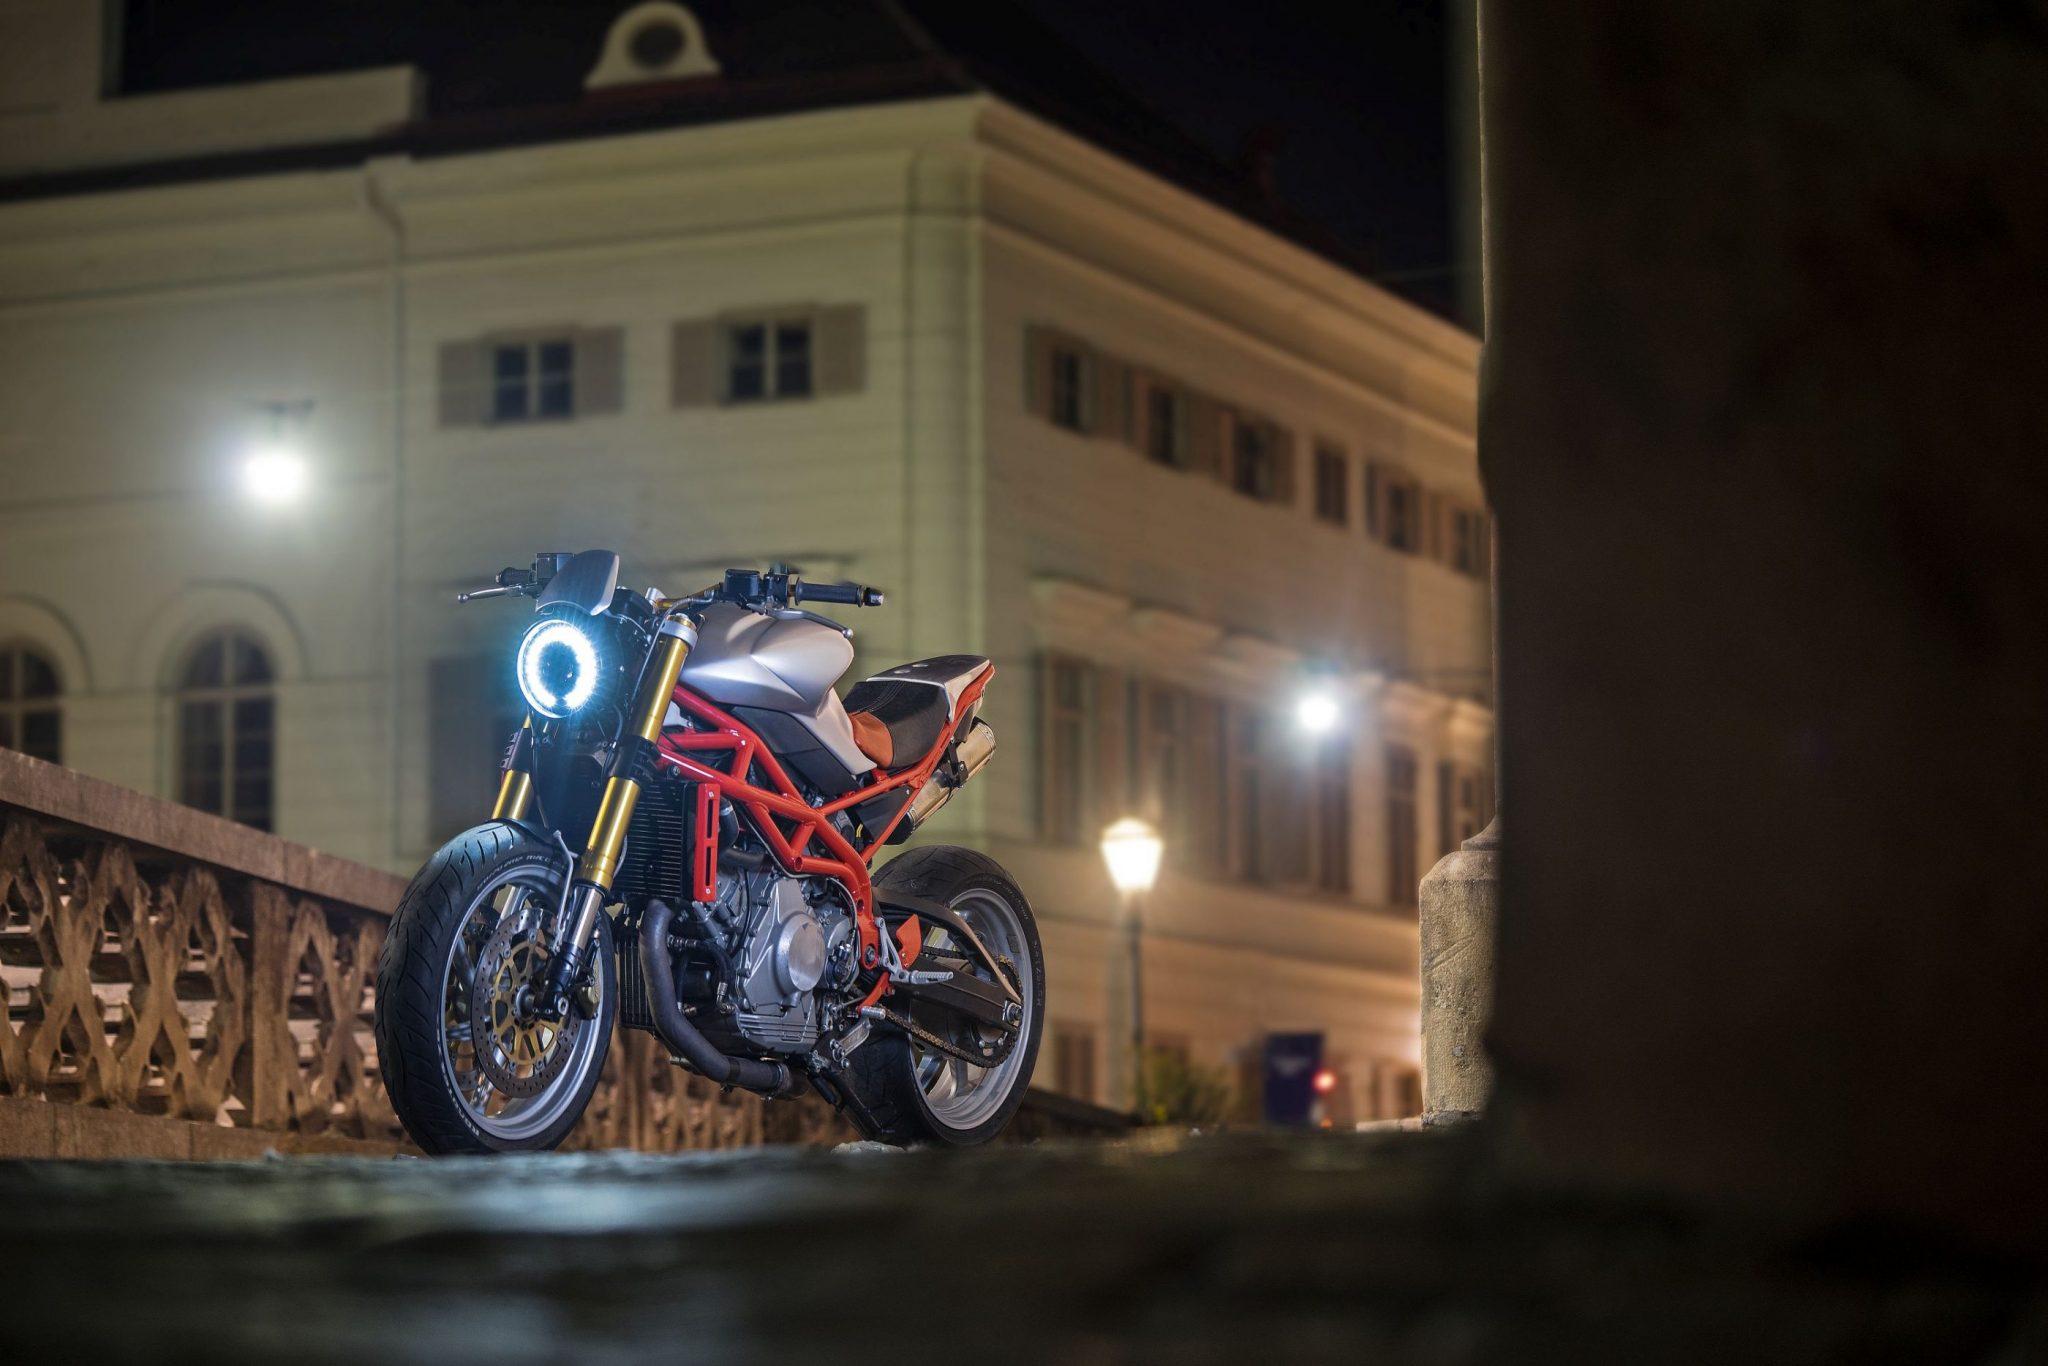 https://titan-motorcycles.com/wp-content/uploads/corsaro09.jpg